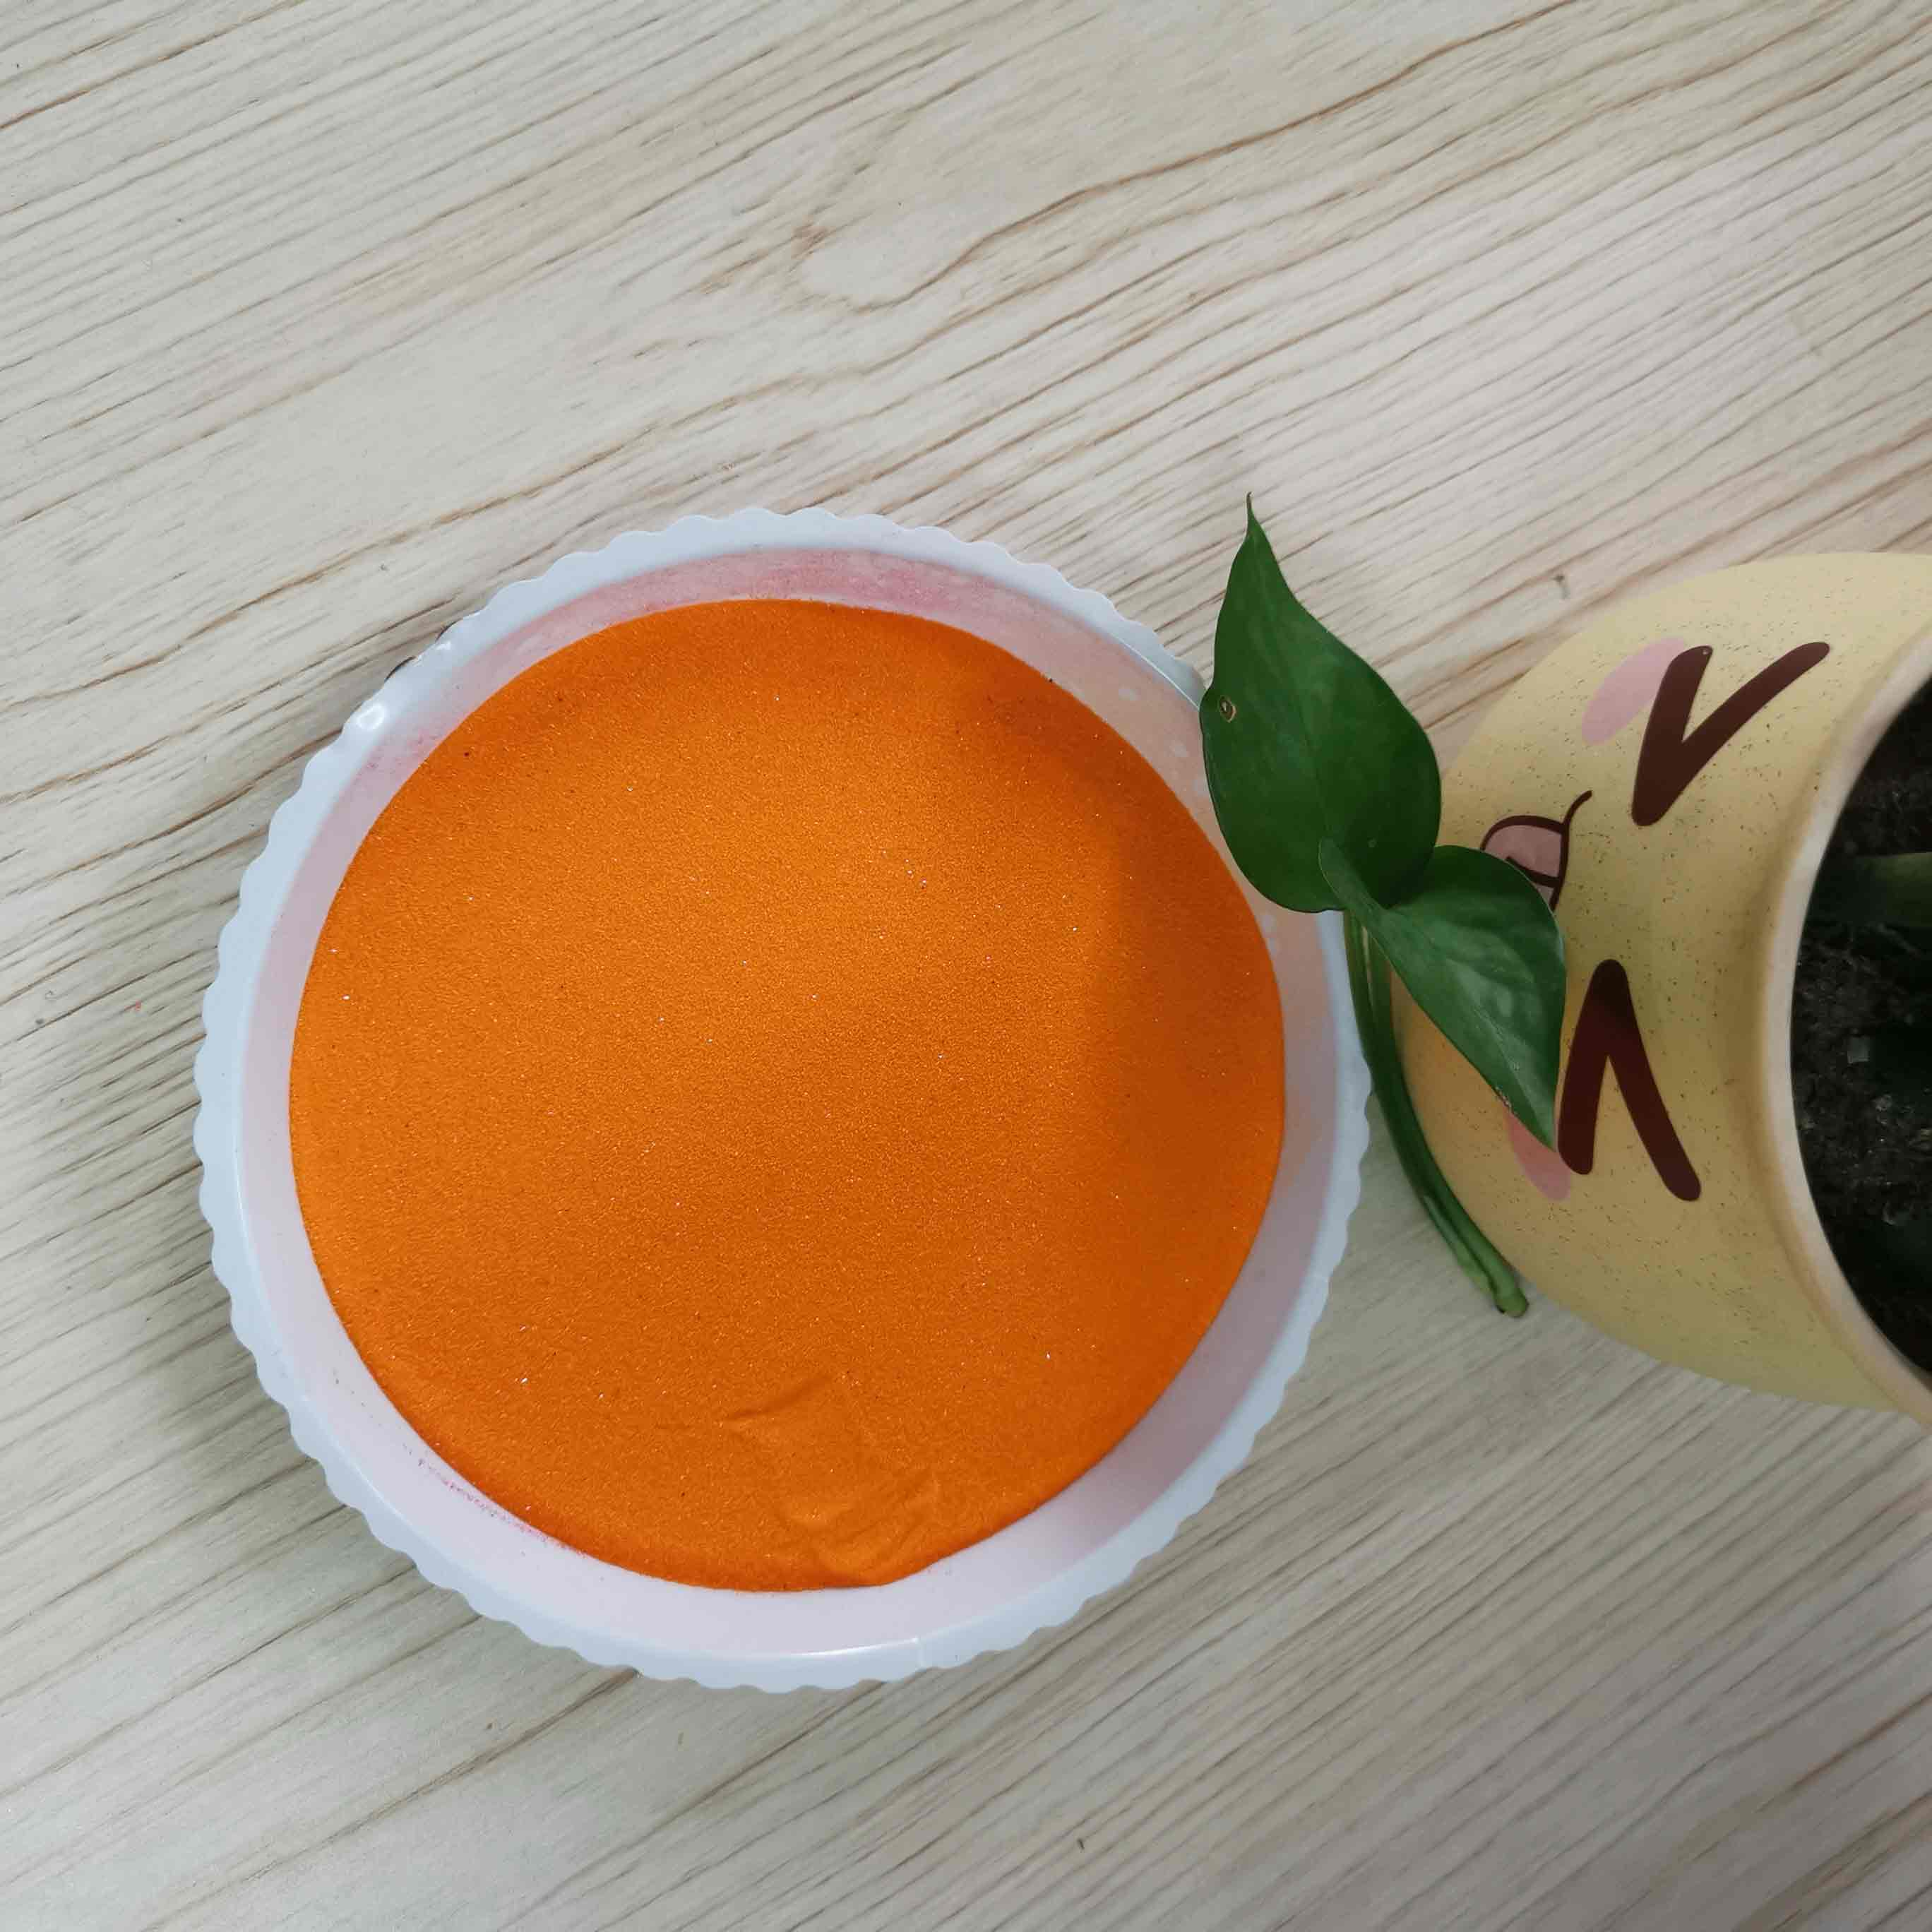 染色彩砂 量大从优 厂家直接发货 保证质量与发货速度